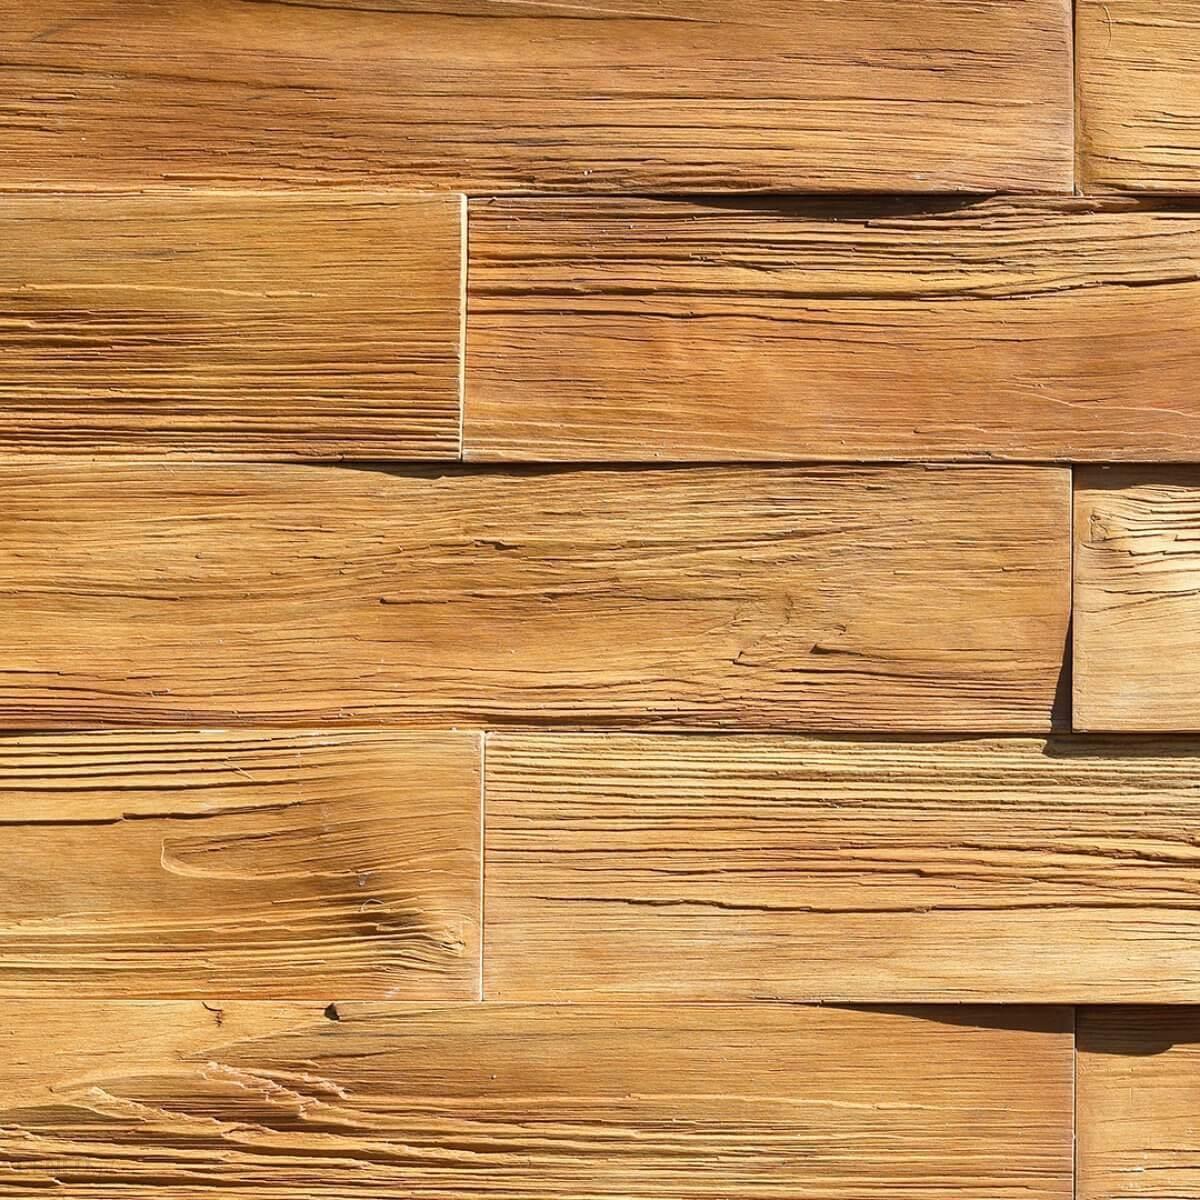 Akcesoria Do Wykonczenia Scian Stegu Timber 1 Plytka Kamien Elewacyjny Zew Opinie I Ceny Na Ceneo Pl